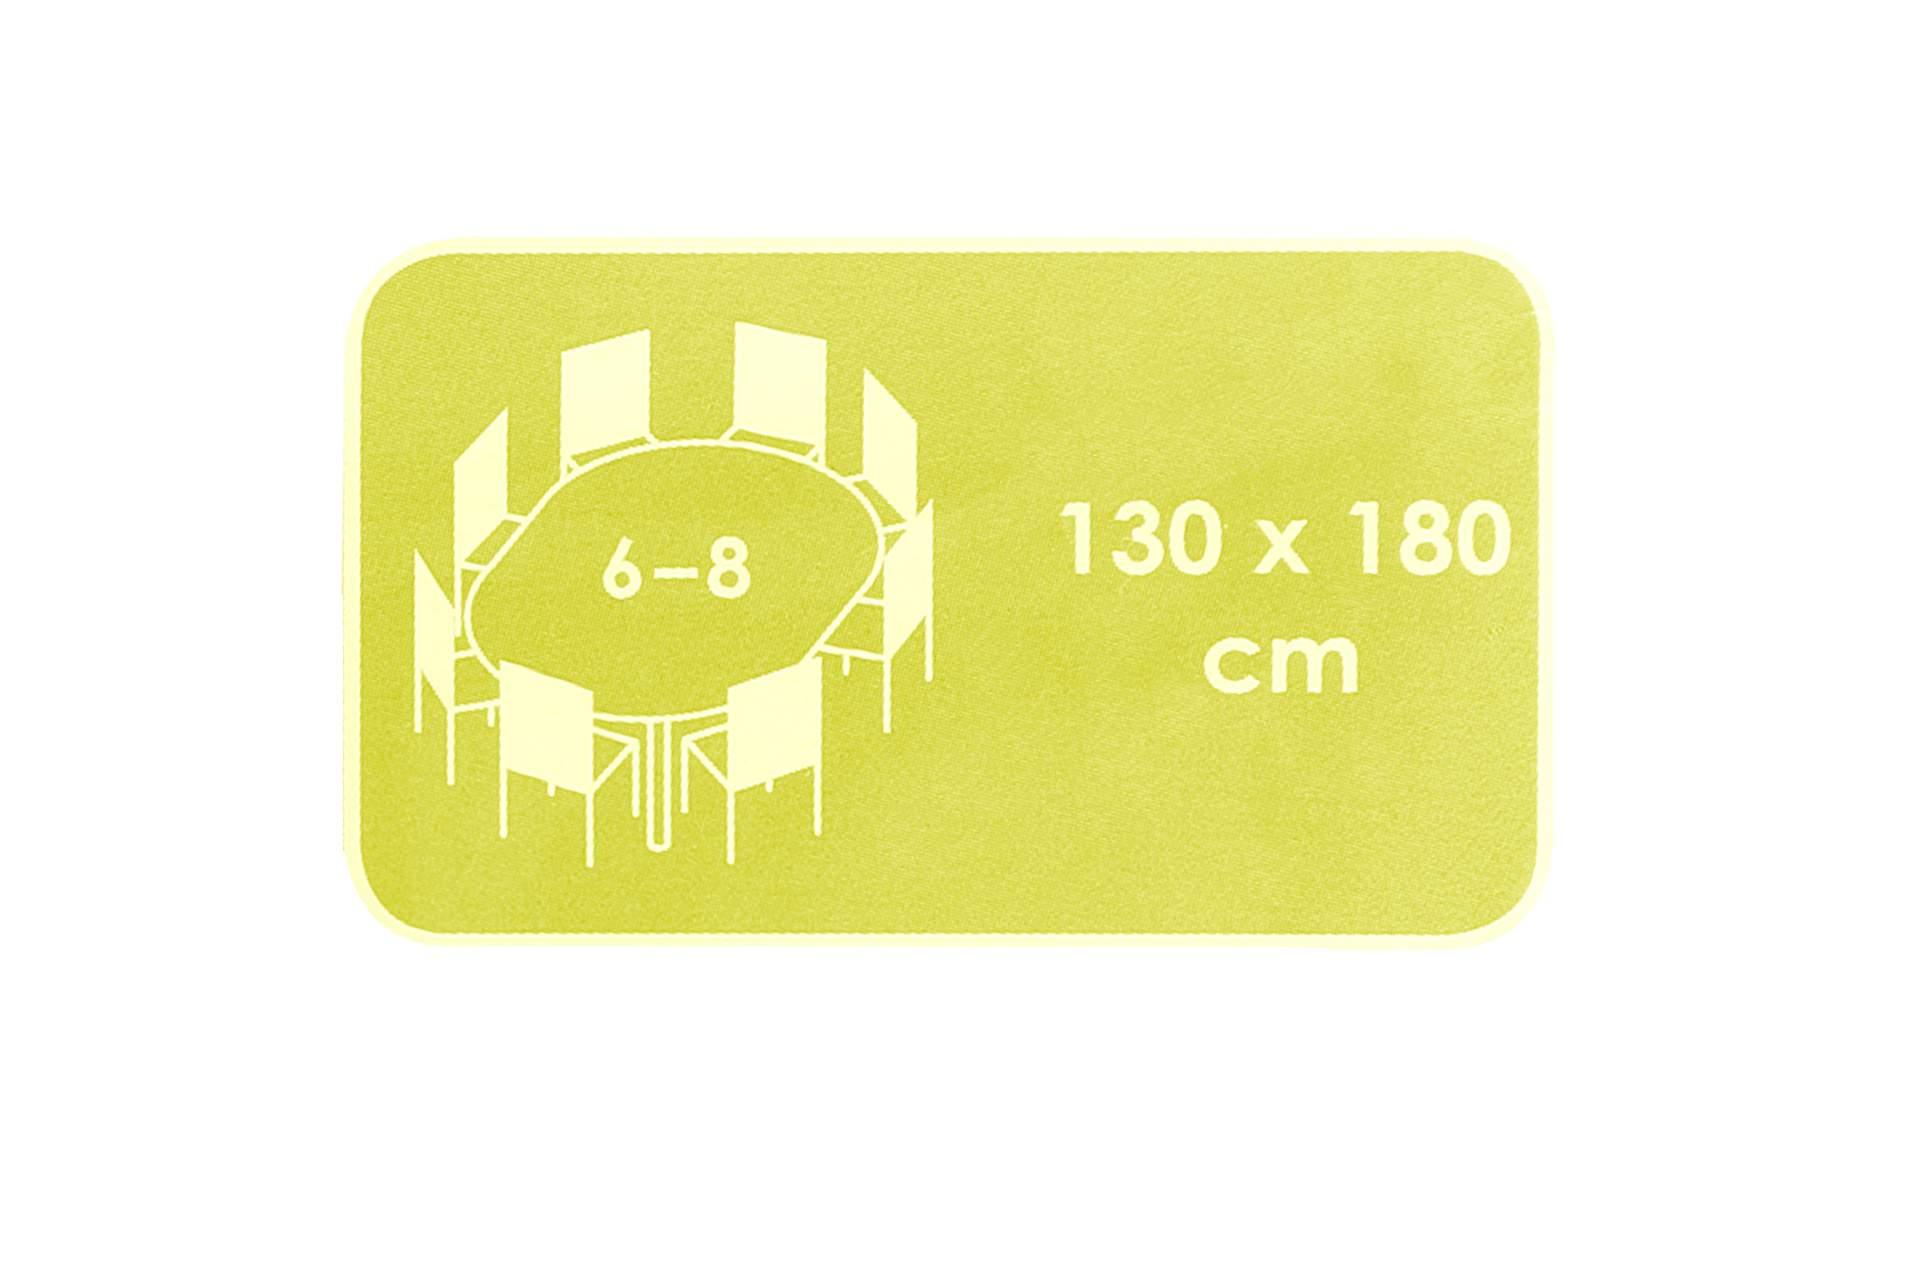 friedola garten tischdecke oval lemon 130 x 180 cm wetterbest ndig tisch decke ebay. Black Bedroom Furniture Sets. Home Design Ideas